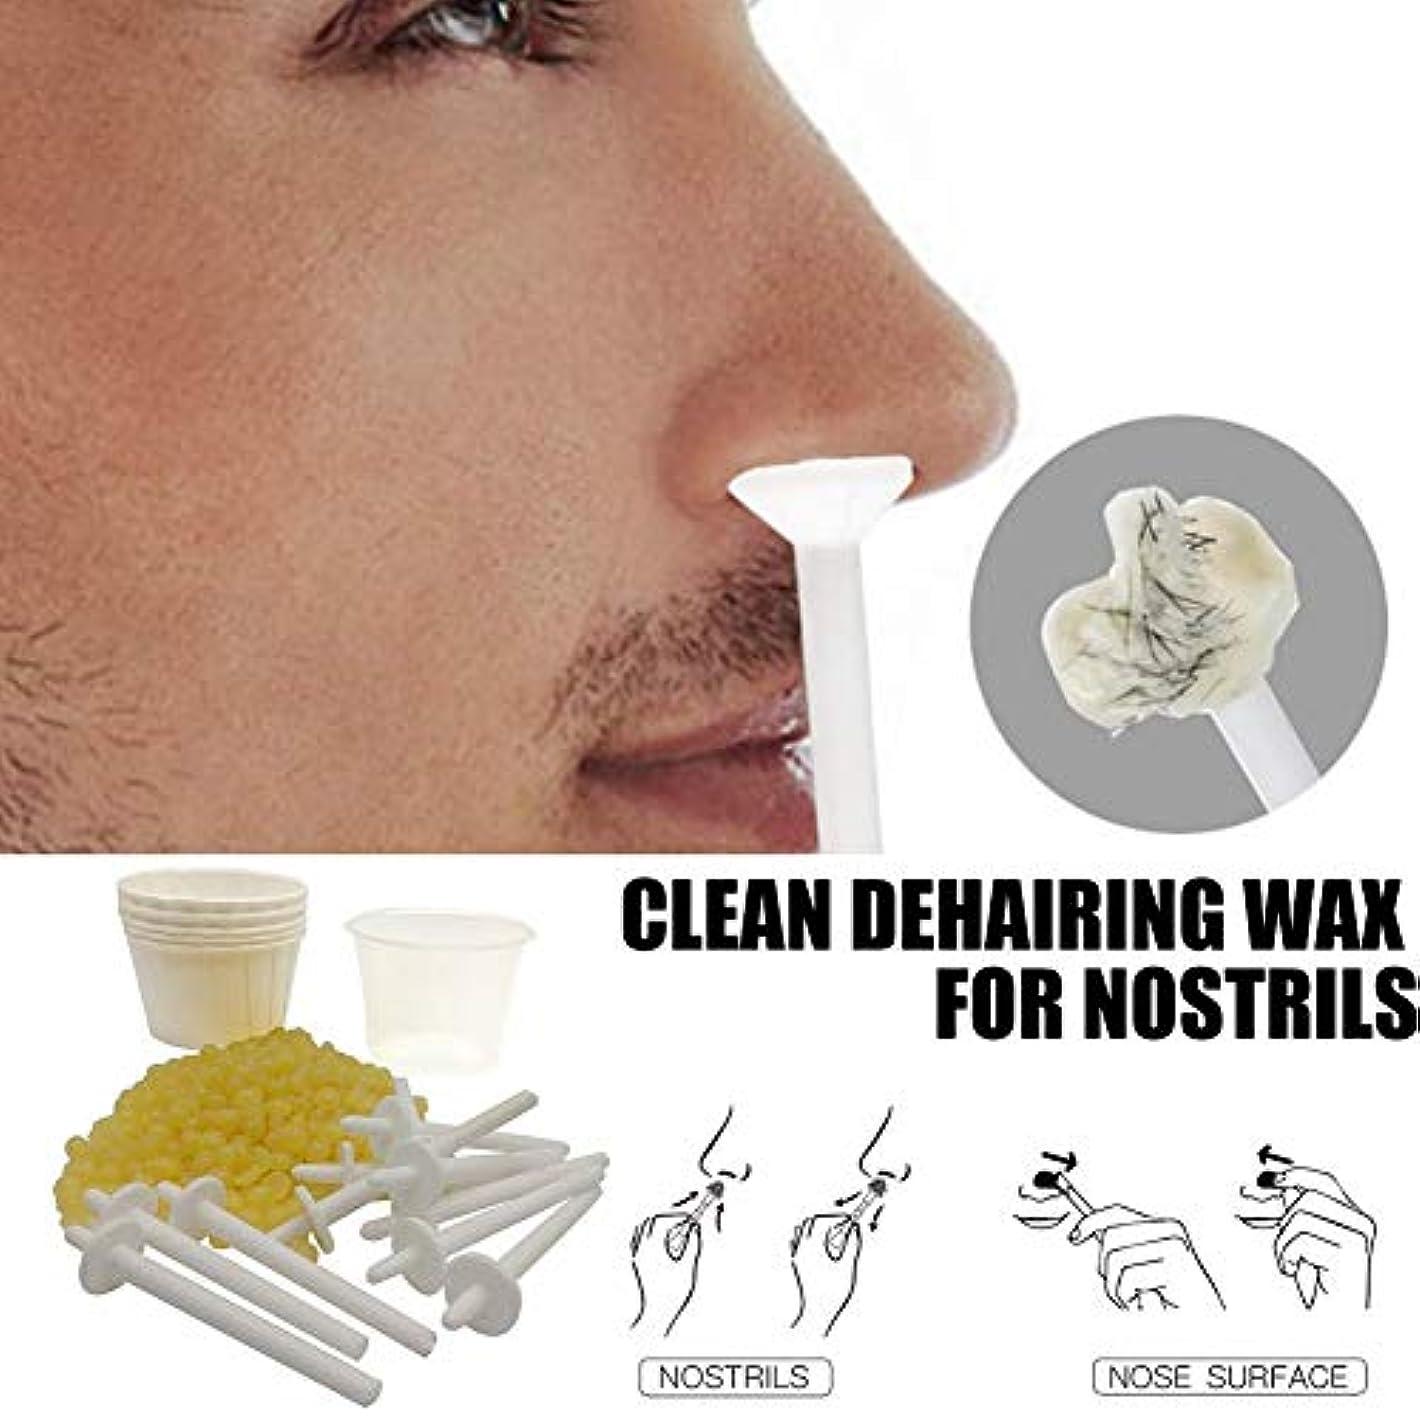 メキシコシャワー記念碑SILUN 鼻毛除去ワックスキット 鼻毛除去化粧道具 ノーズワックスポッド ポータブル道具 迅速かつ無痛 (50グラム/ 10回使用回数)